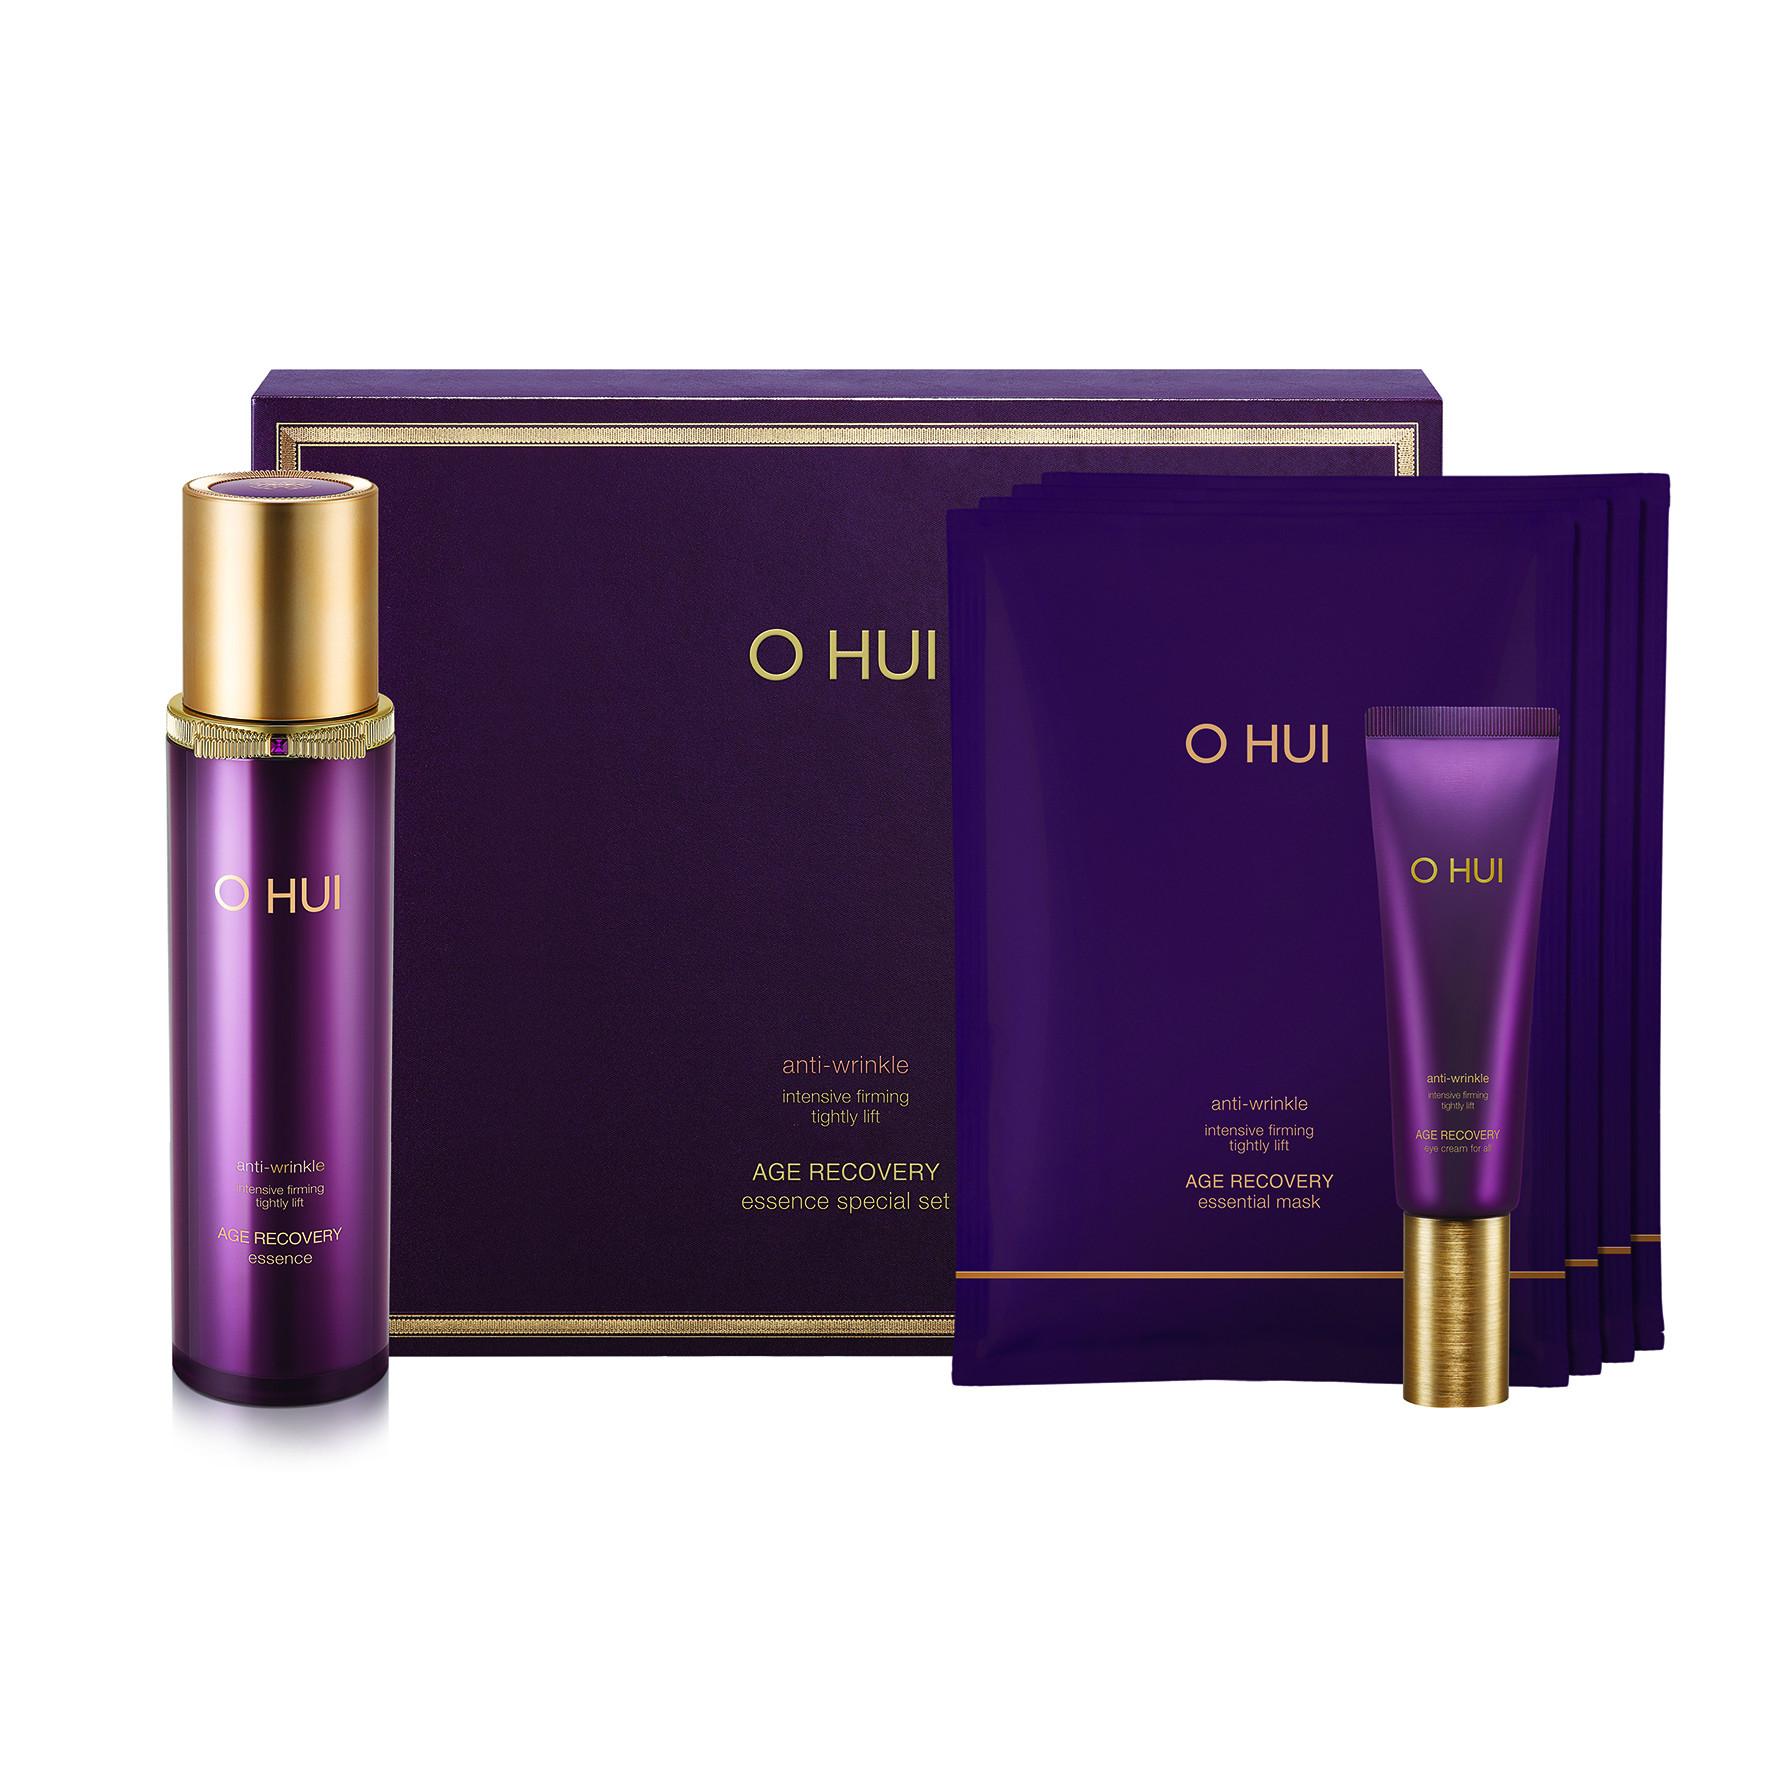 Bộ dưỡng giảm nếp nhăn ngăn ngừa lão hóa OHUI Age Recovery Essence 3pcs Set